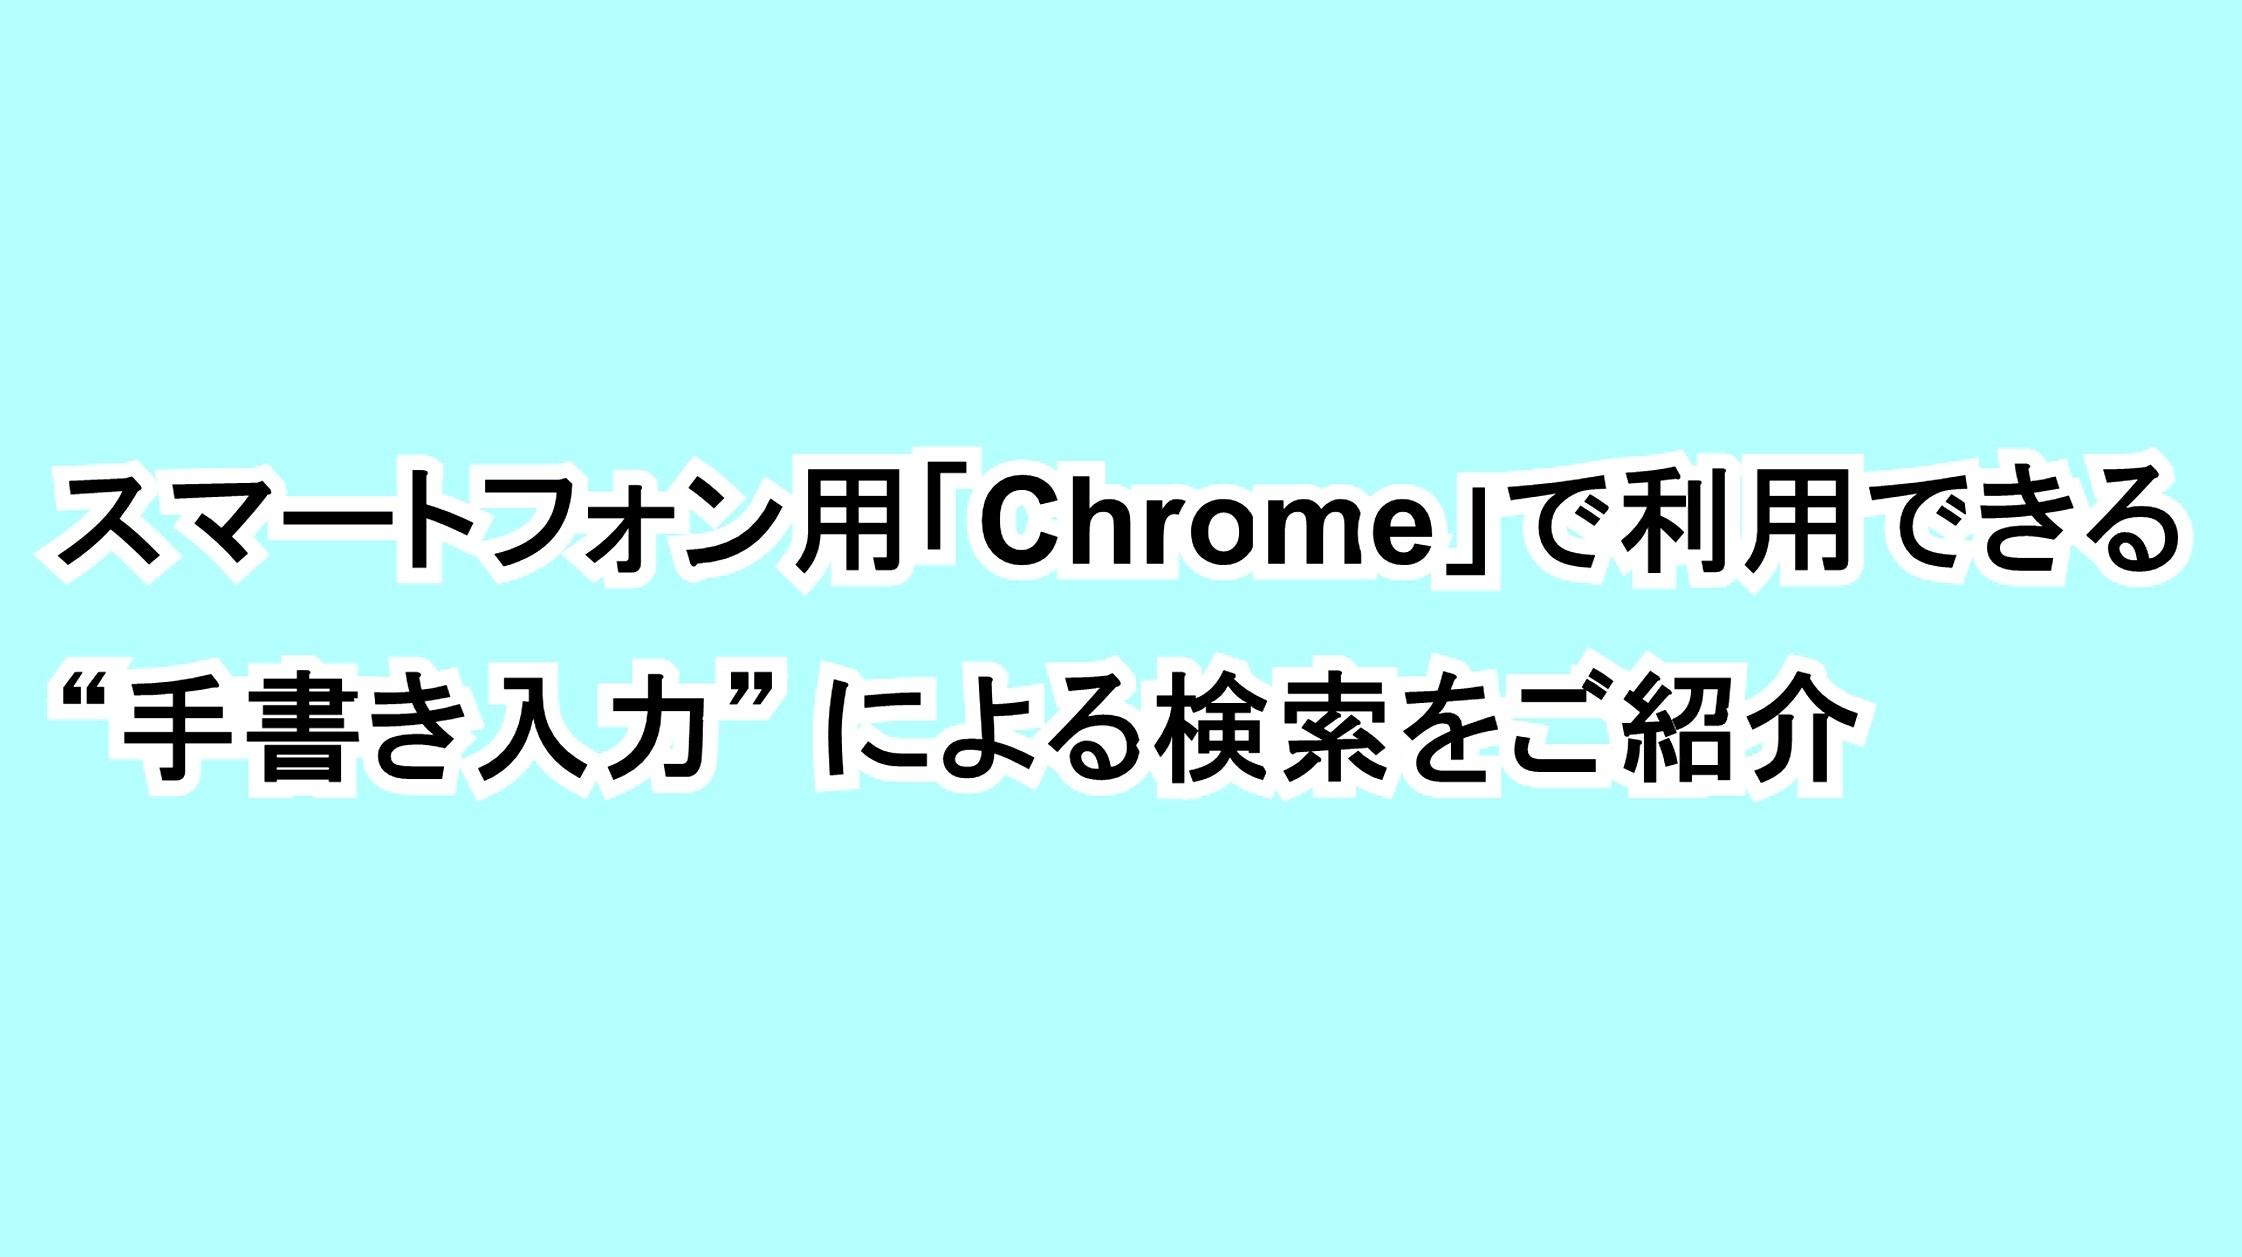 """スマートフォン用「Chrome」の利用できる""""手書き入力""""による検索をご紹介"""